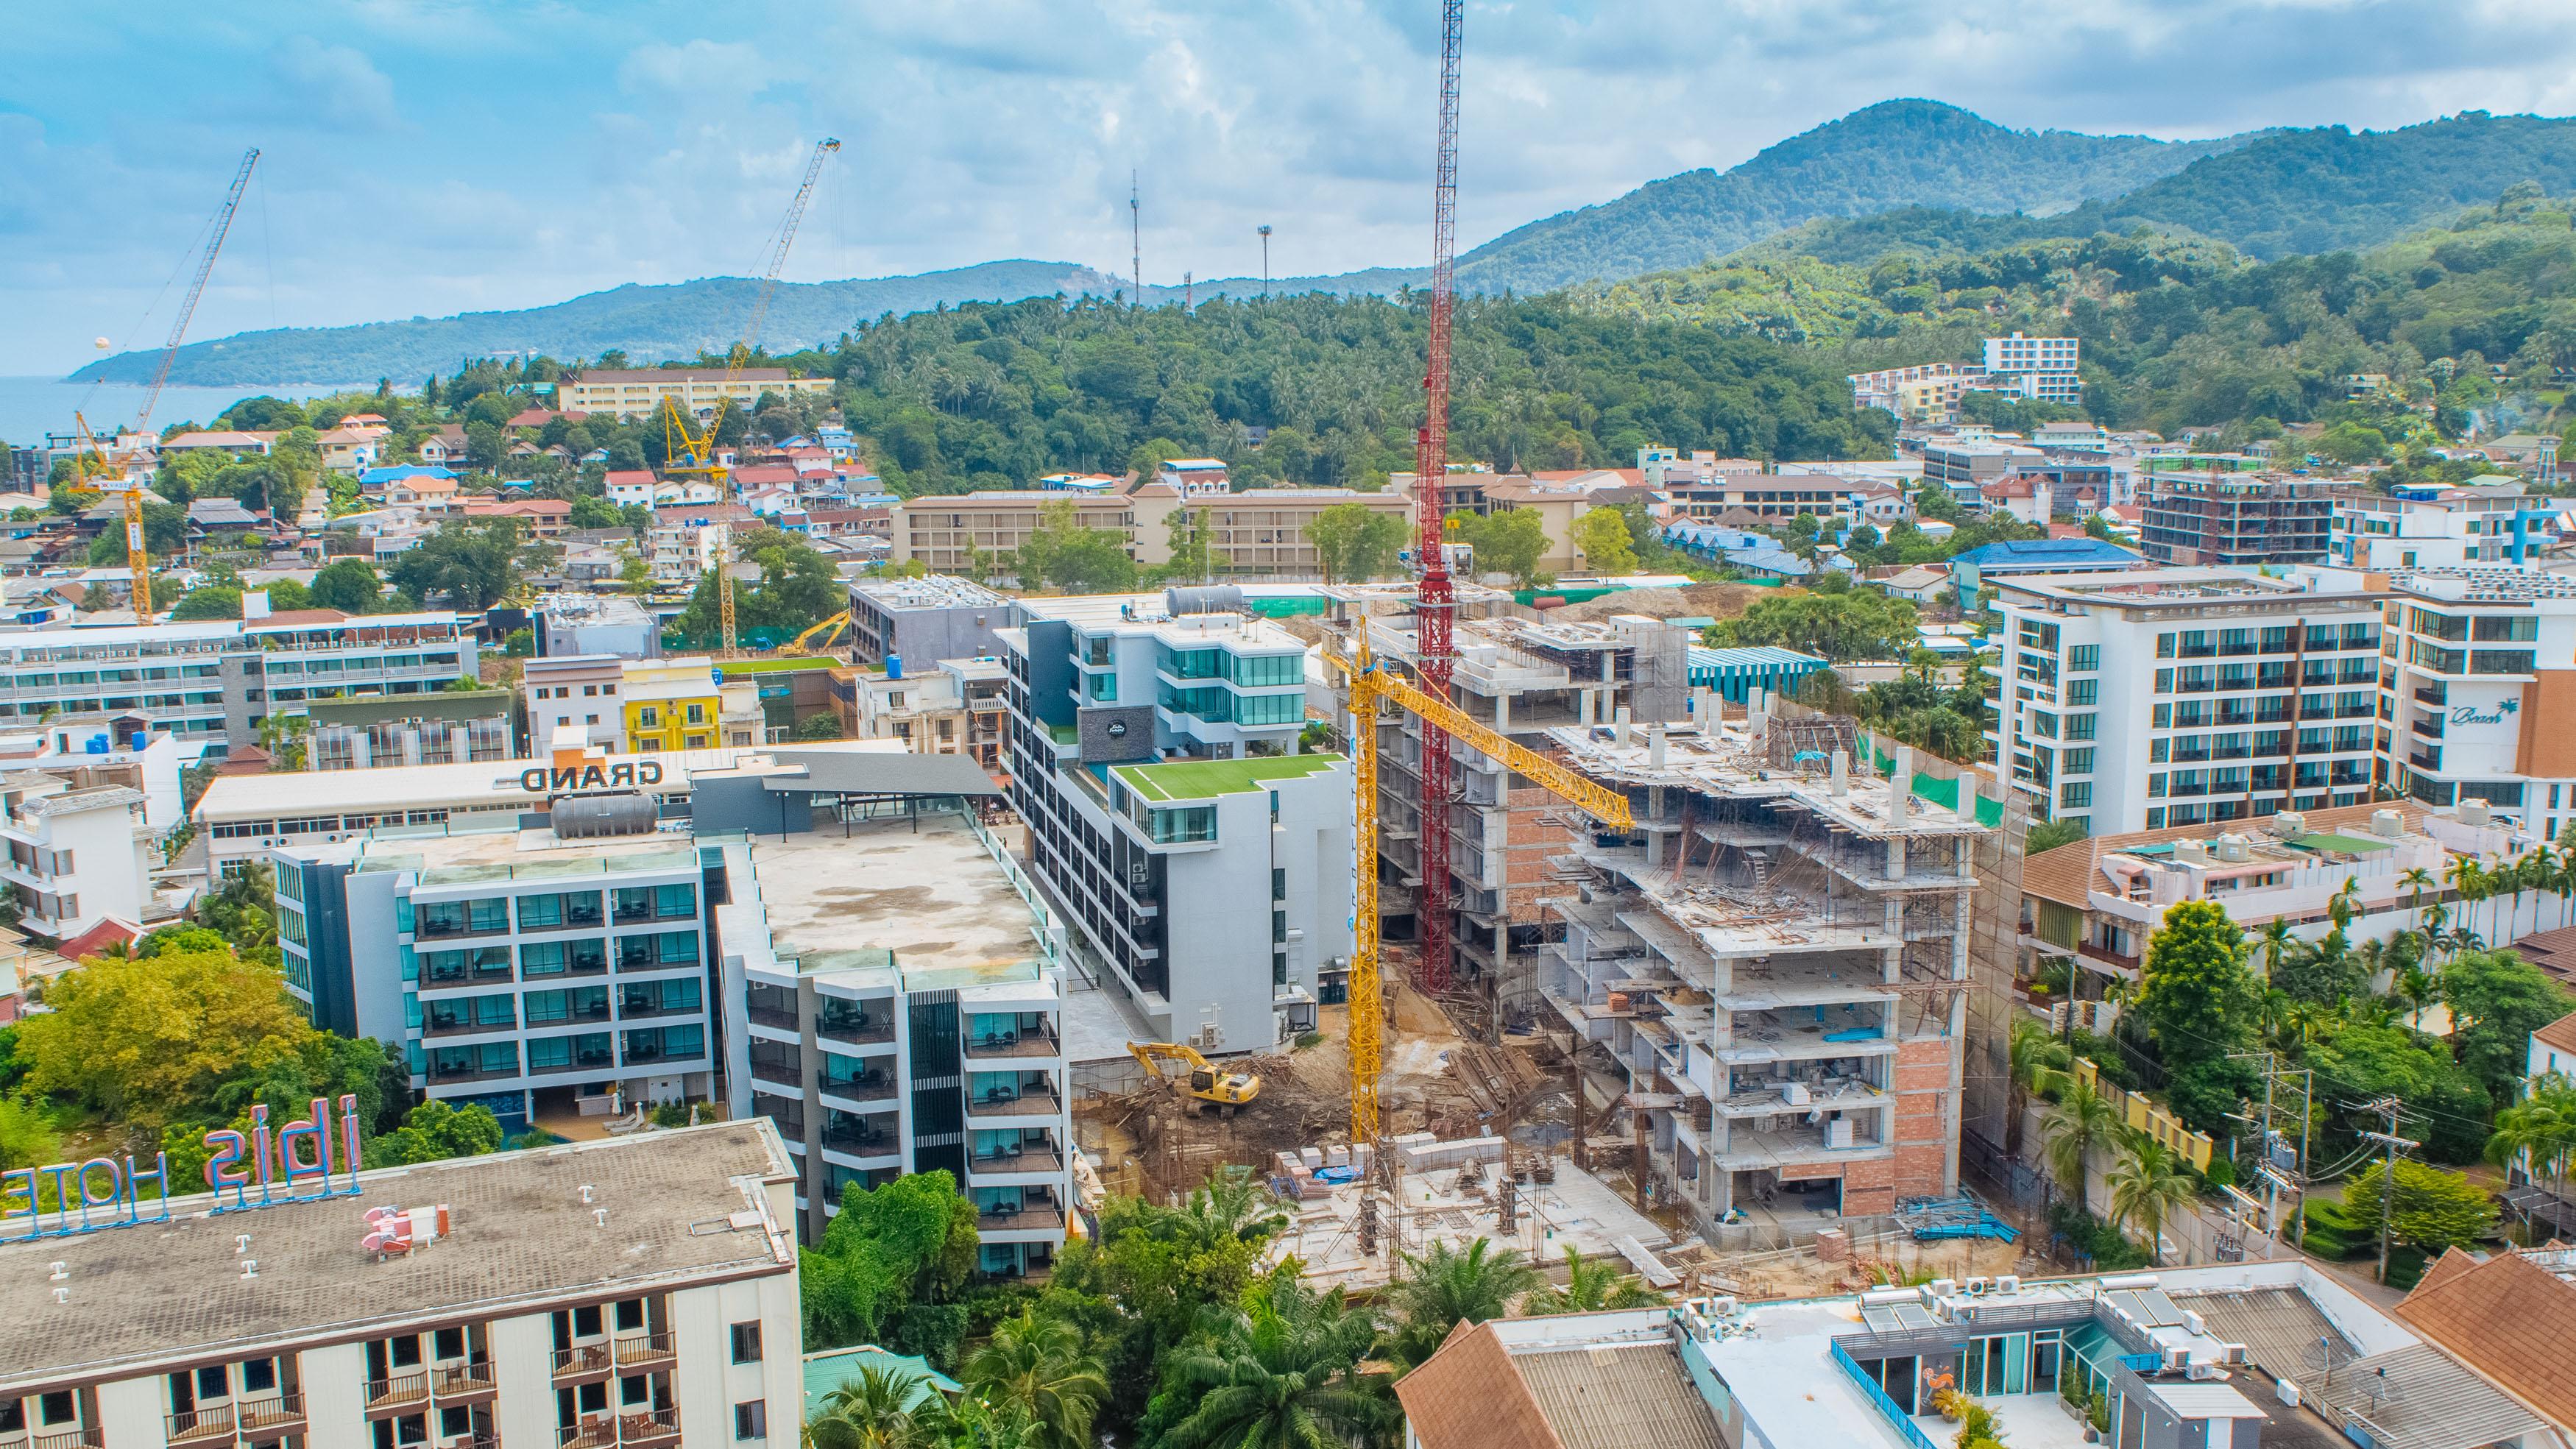 Краткий обзор строительства кондоминиумов на Пхукете в 2015-2022 гг